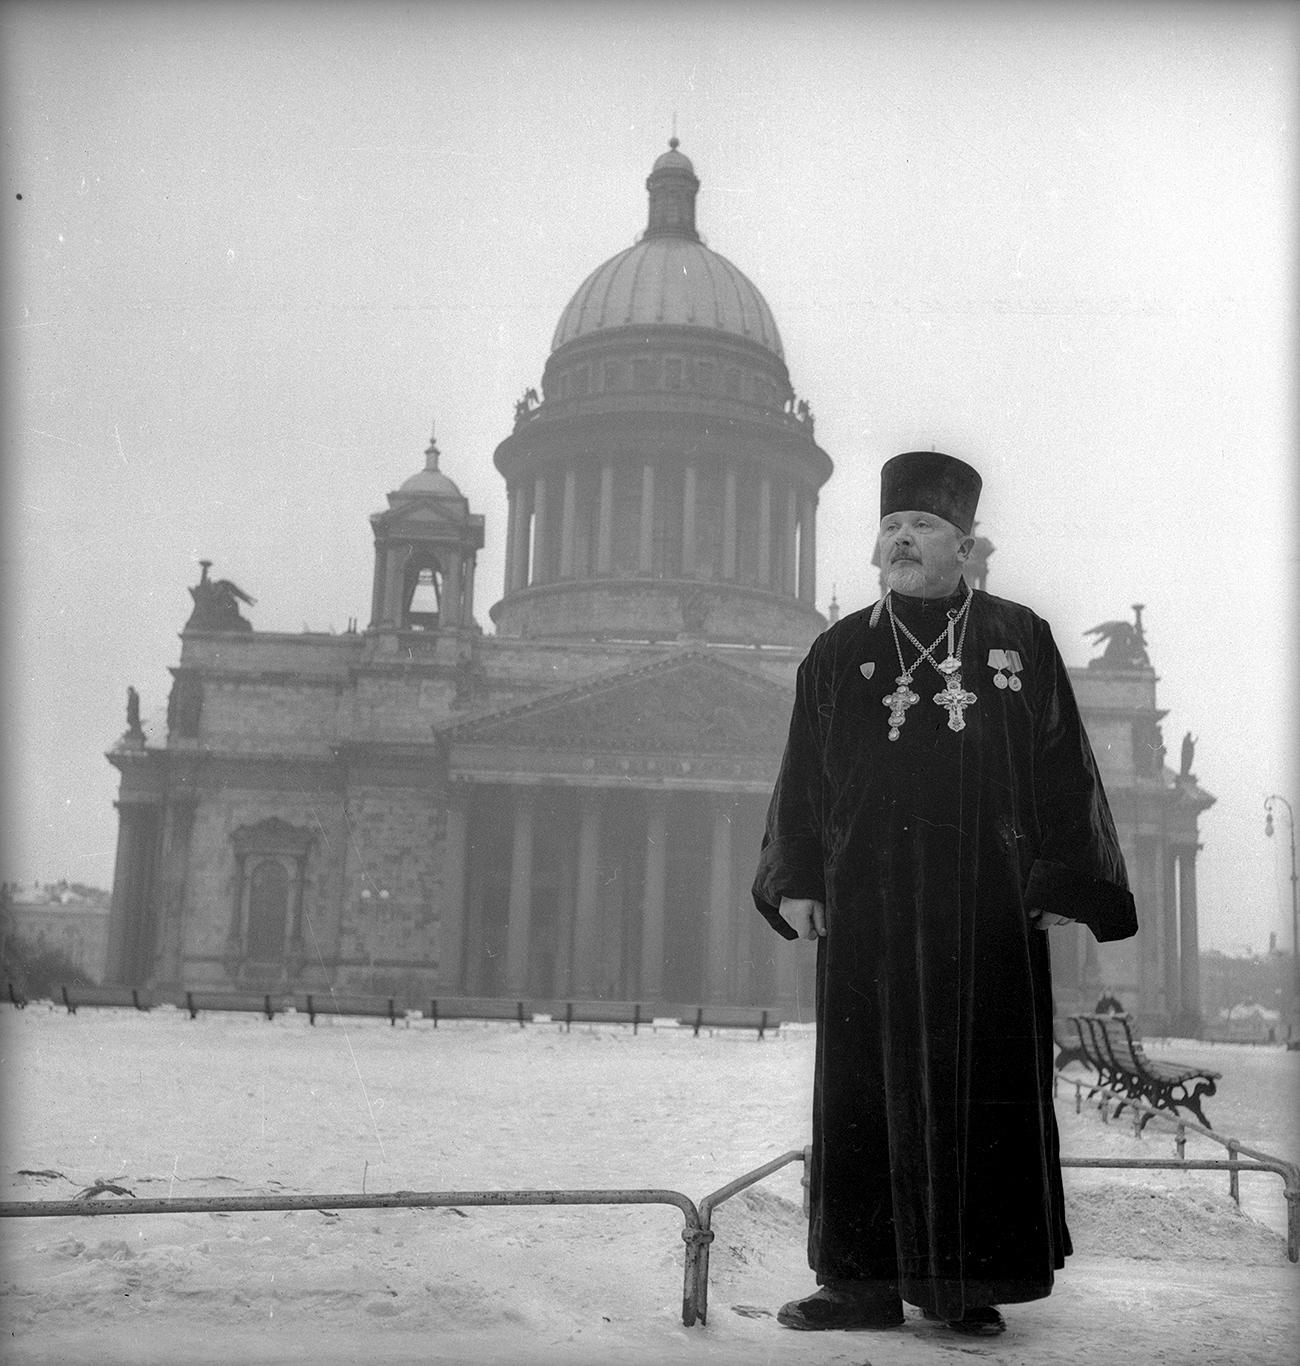 Le prêtre Lomakine devant la Cathédrale Saint-Isaac, Léningrad, 1945. Crédit: Musée d'art multimédia de Moscou